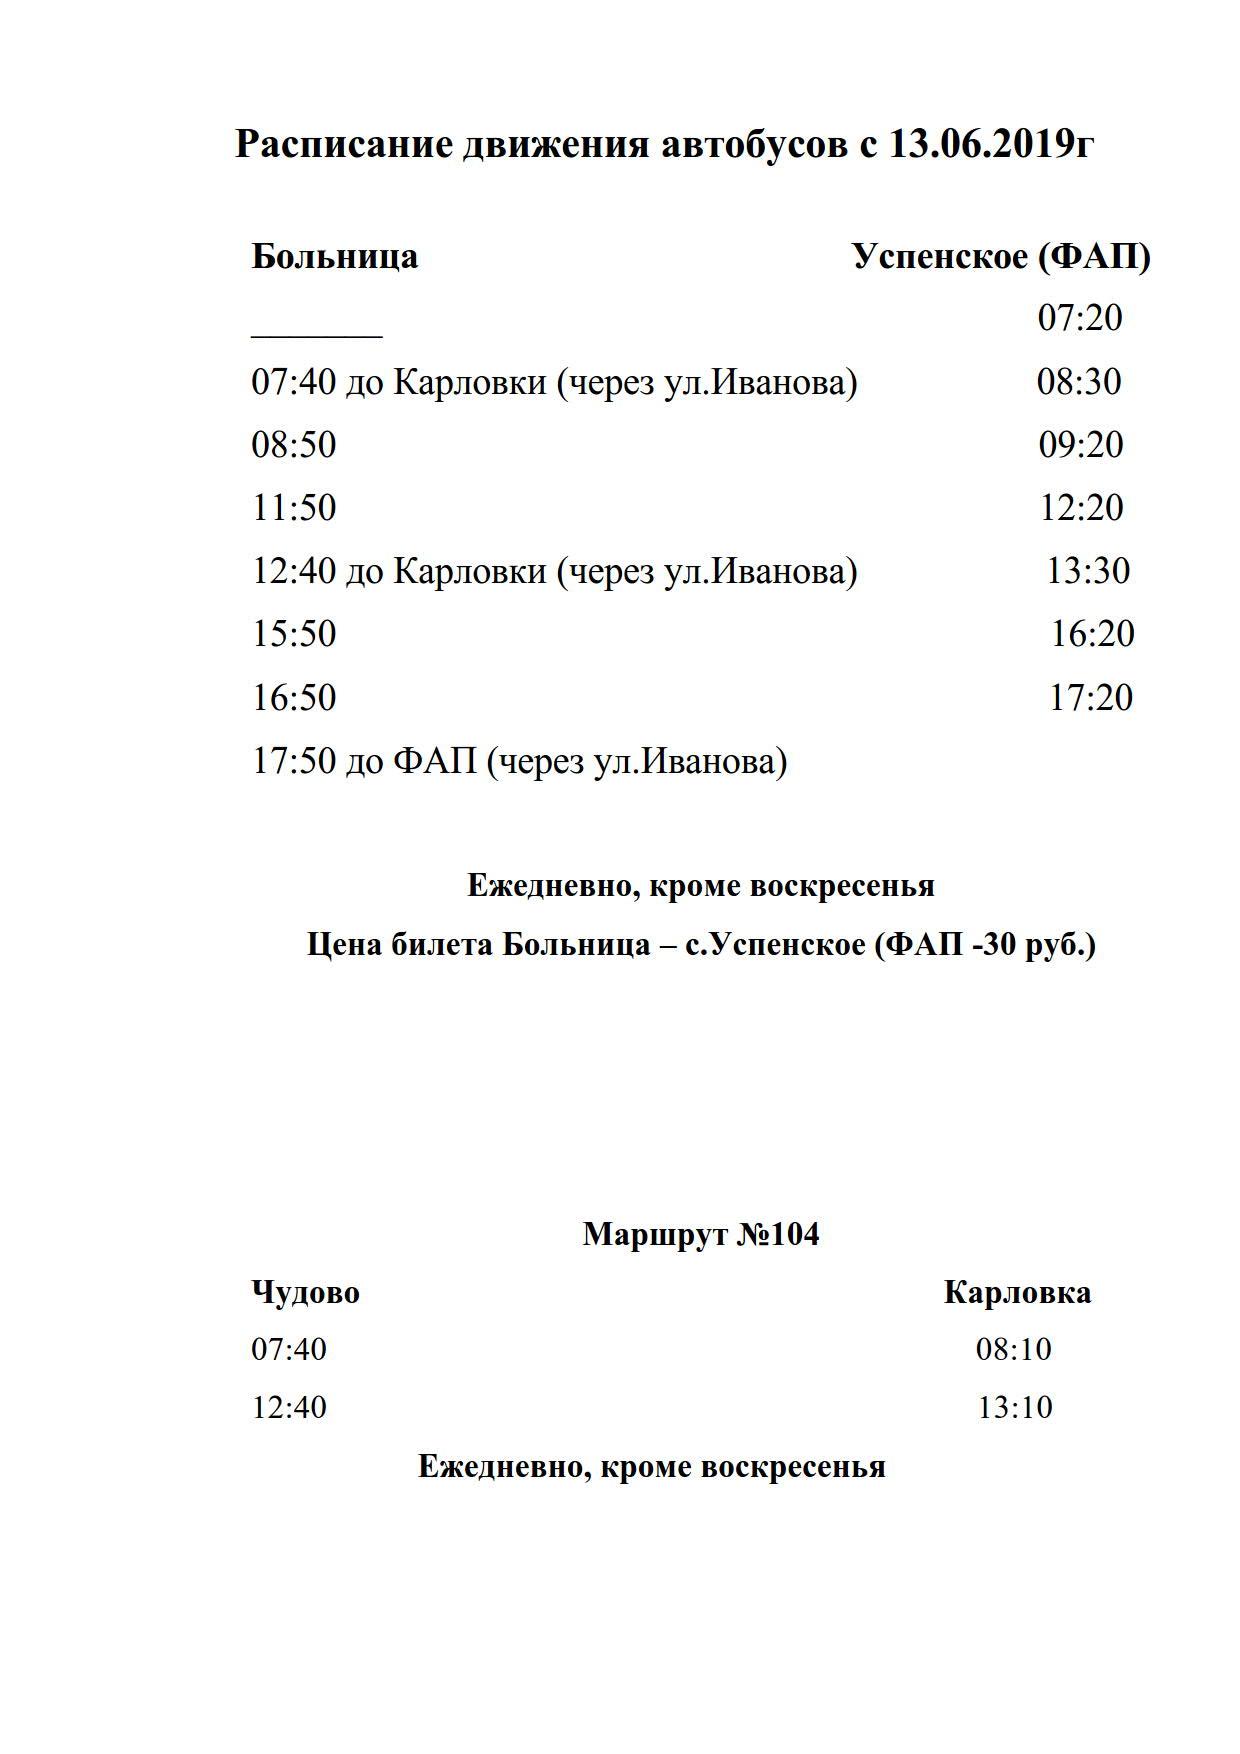 Расписание движения автобусов_1